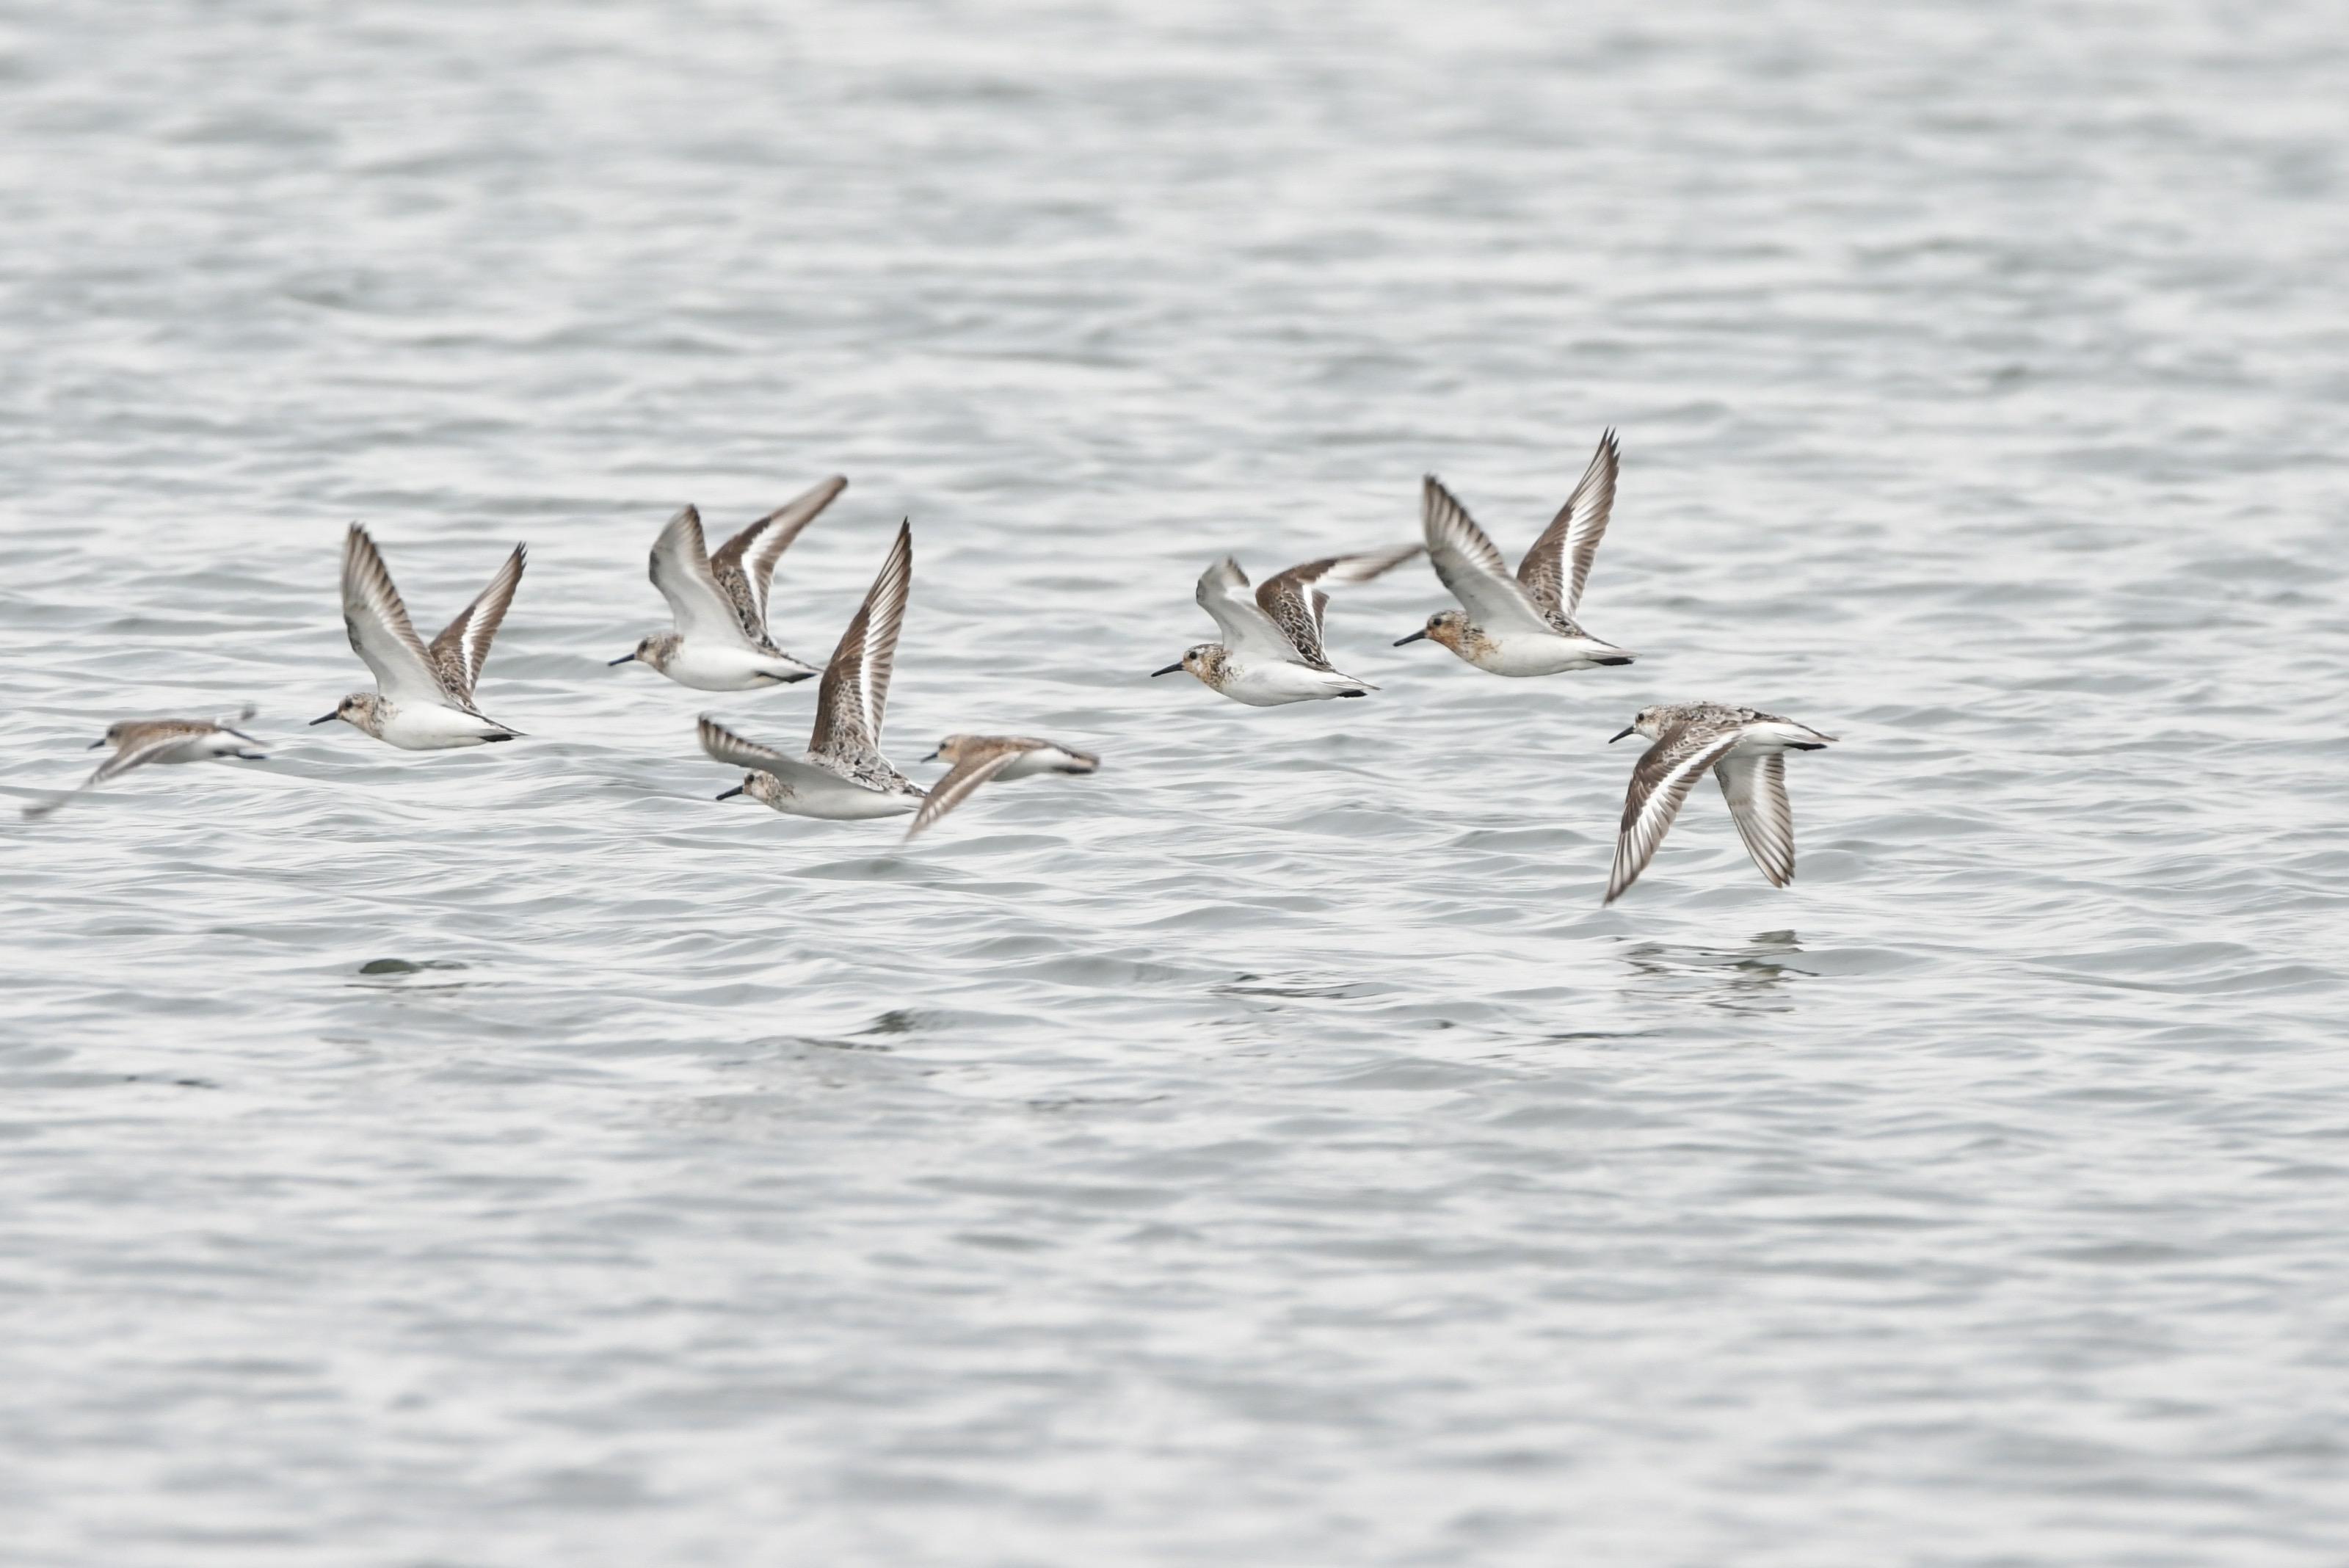 飛翔するミユビシギ夏羽たち